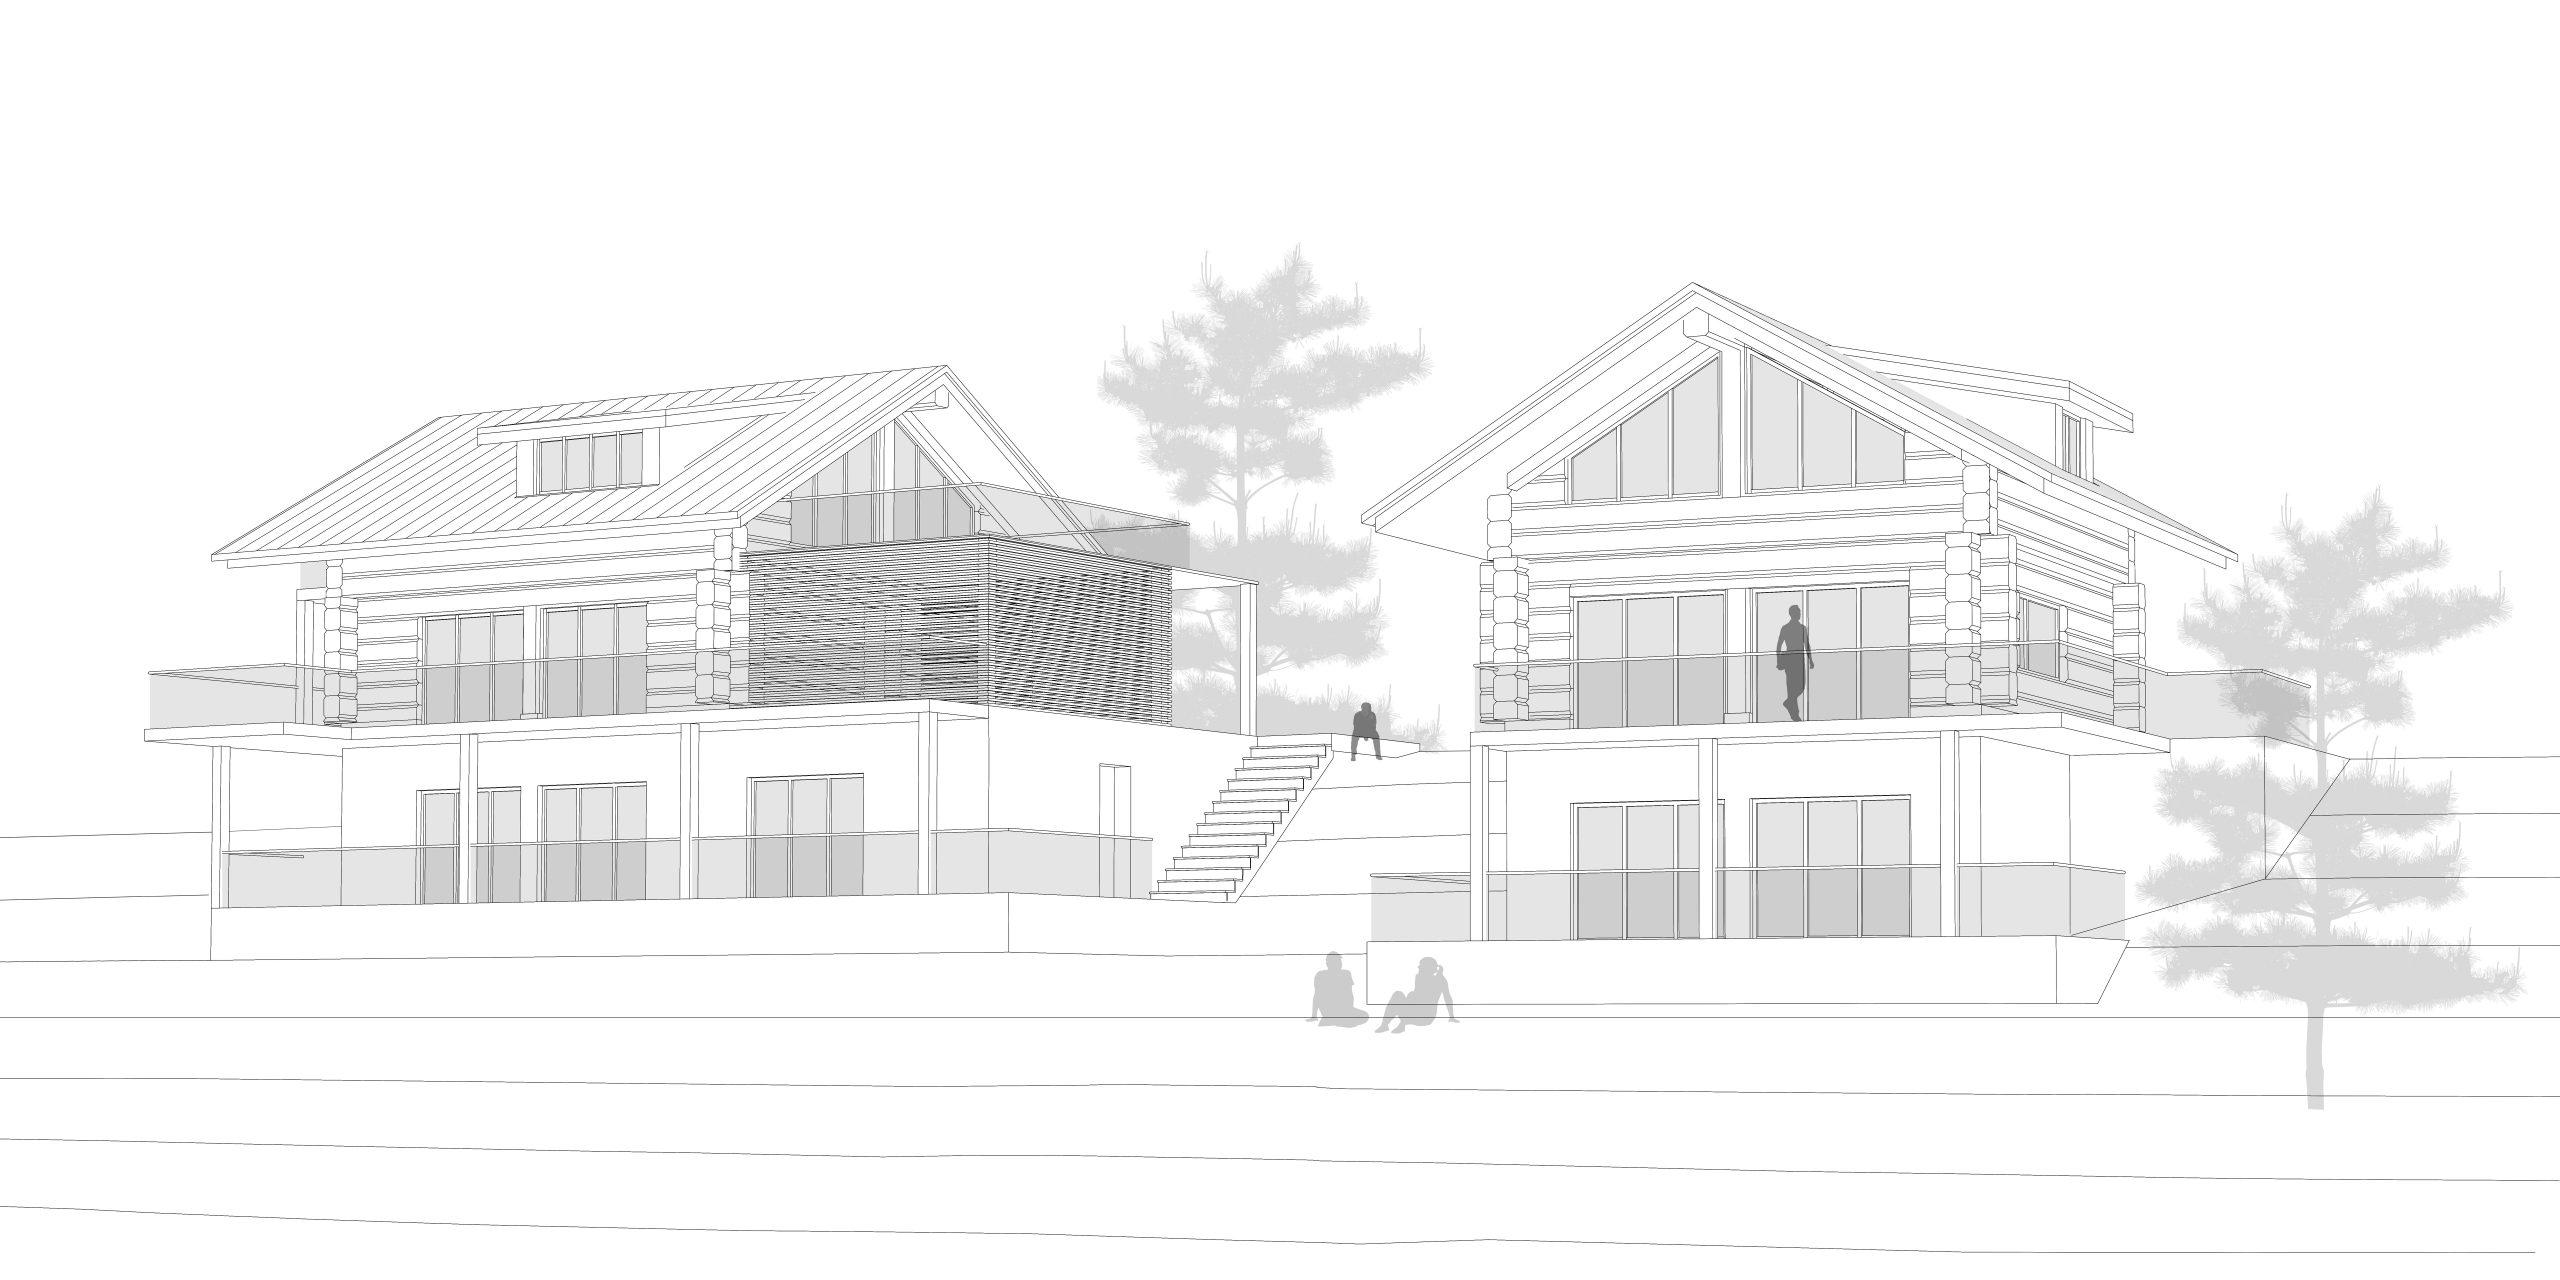 jacob-mayer-voigt-architekt-interior-design-alpine-architektur-wohnhaus-design-hochbau-blockbau-holzbau